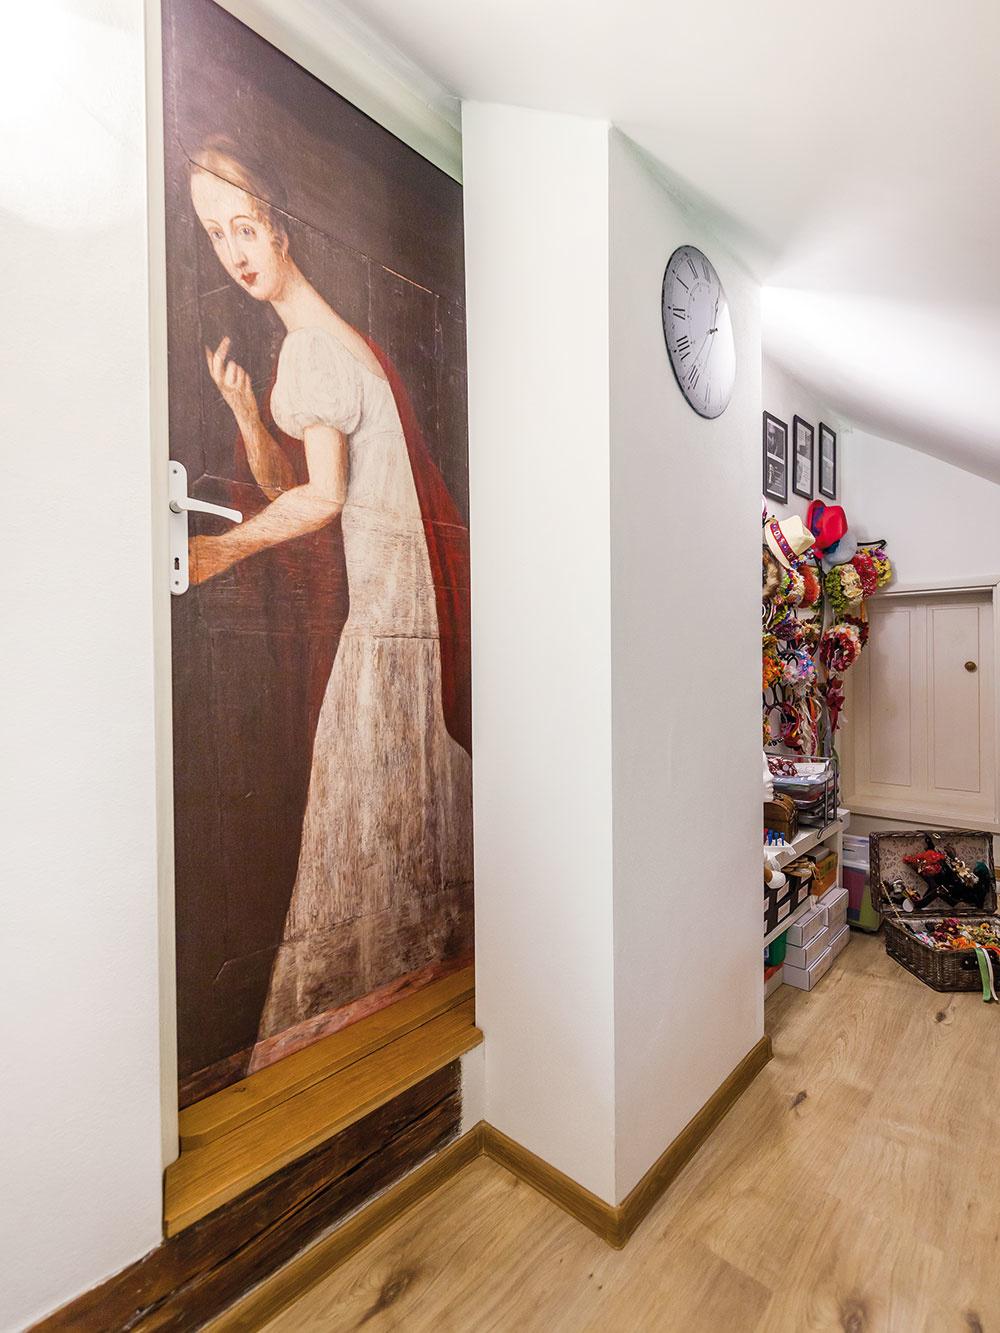 """""""Keď mám čas, tak maľujem,"""" prezrádza Ivanka, čo mlčky dosvedčuje aj domaľovaný lem šiat levočskej bielej panej na dverách. """"Zadala som zlý formát fotky."""" :-)"""